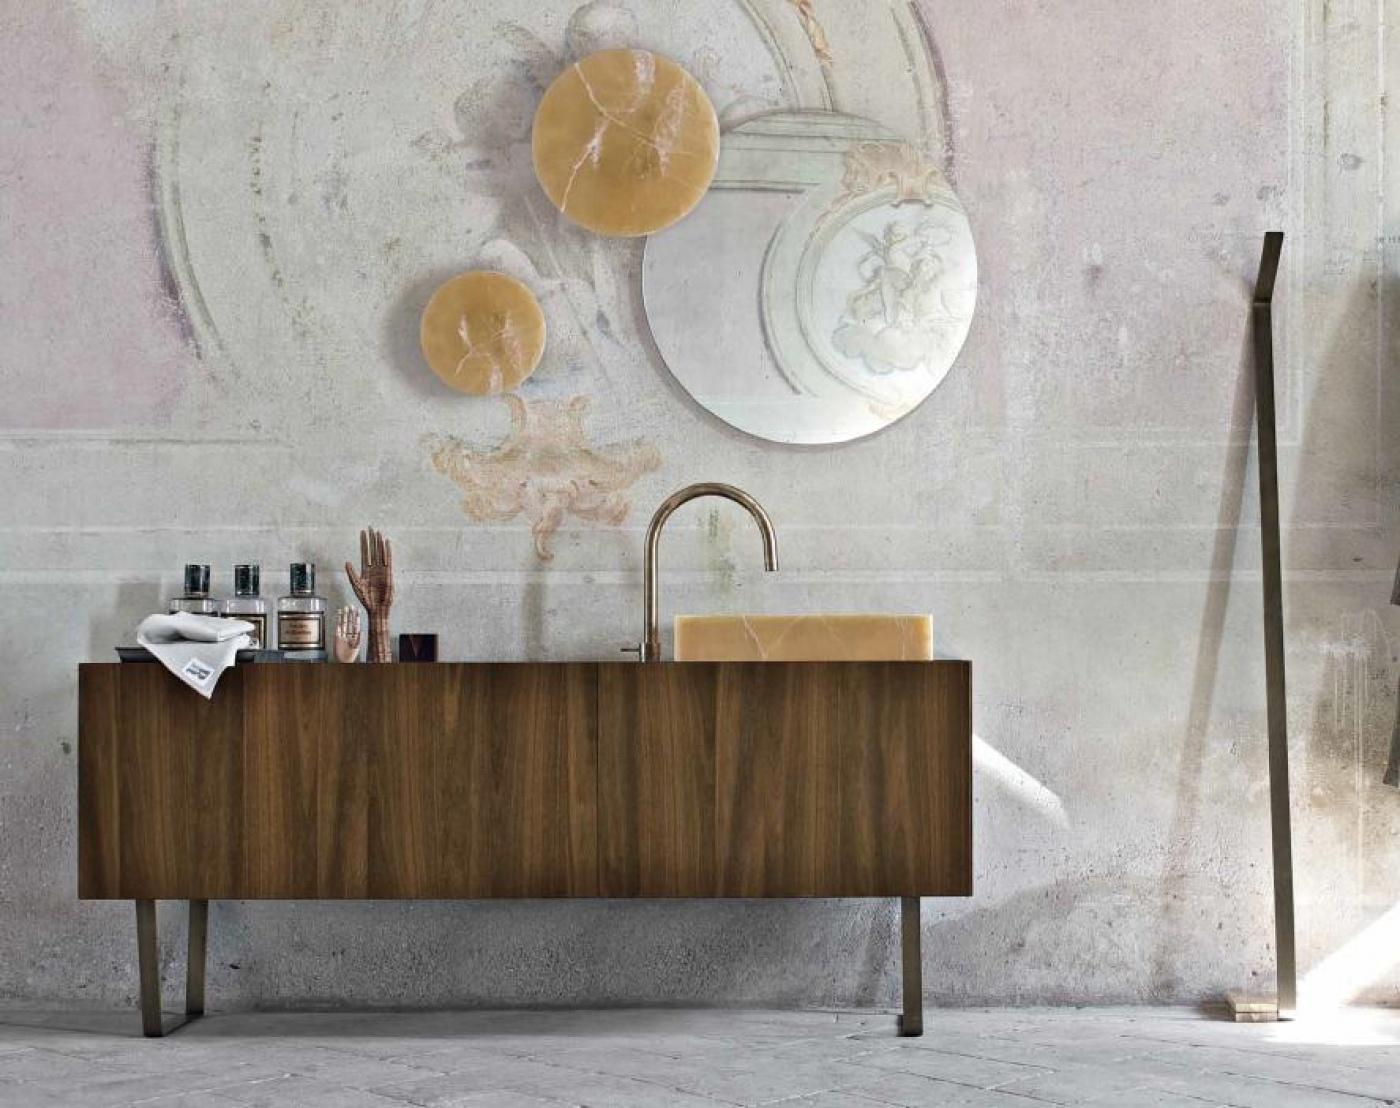 Granit Bains avec meuble, miroir et robinet Altamarea Must et vasque en Onyx.